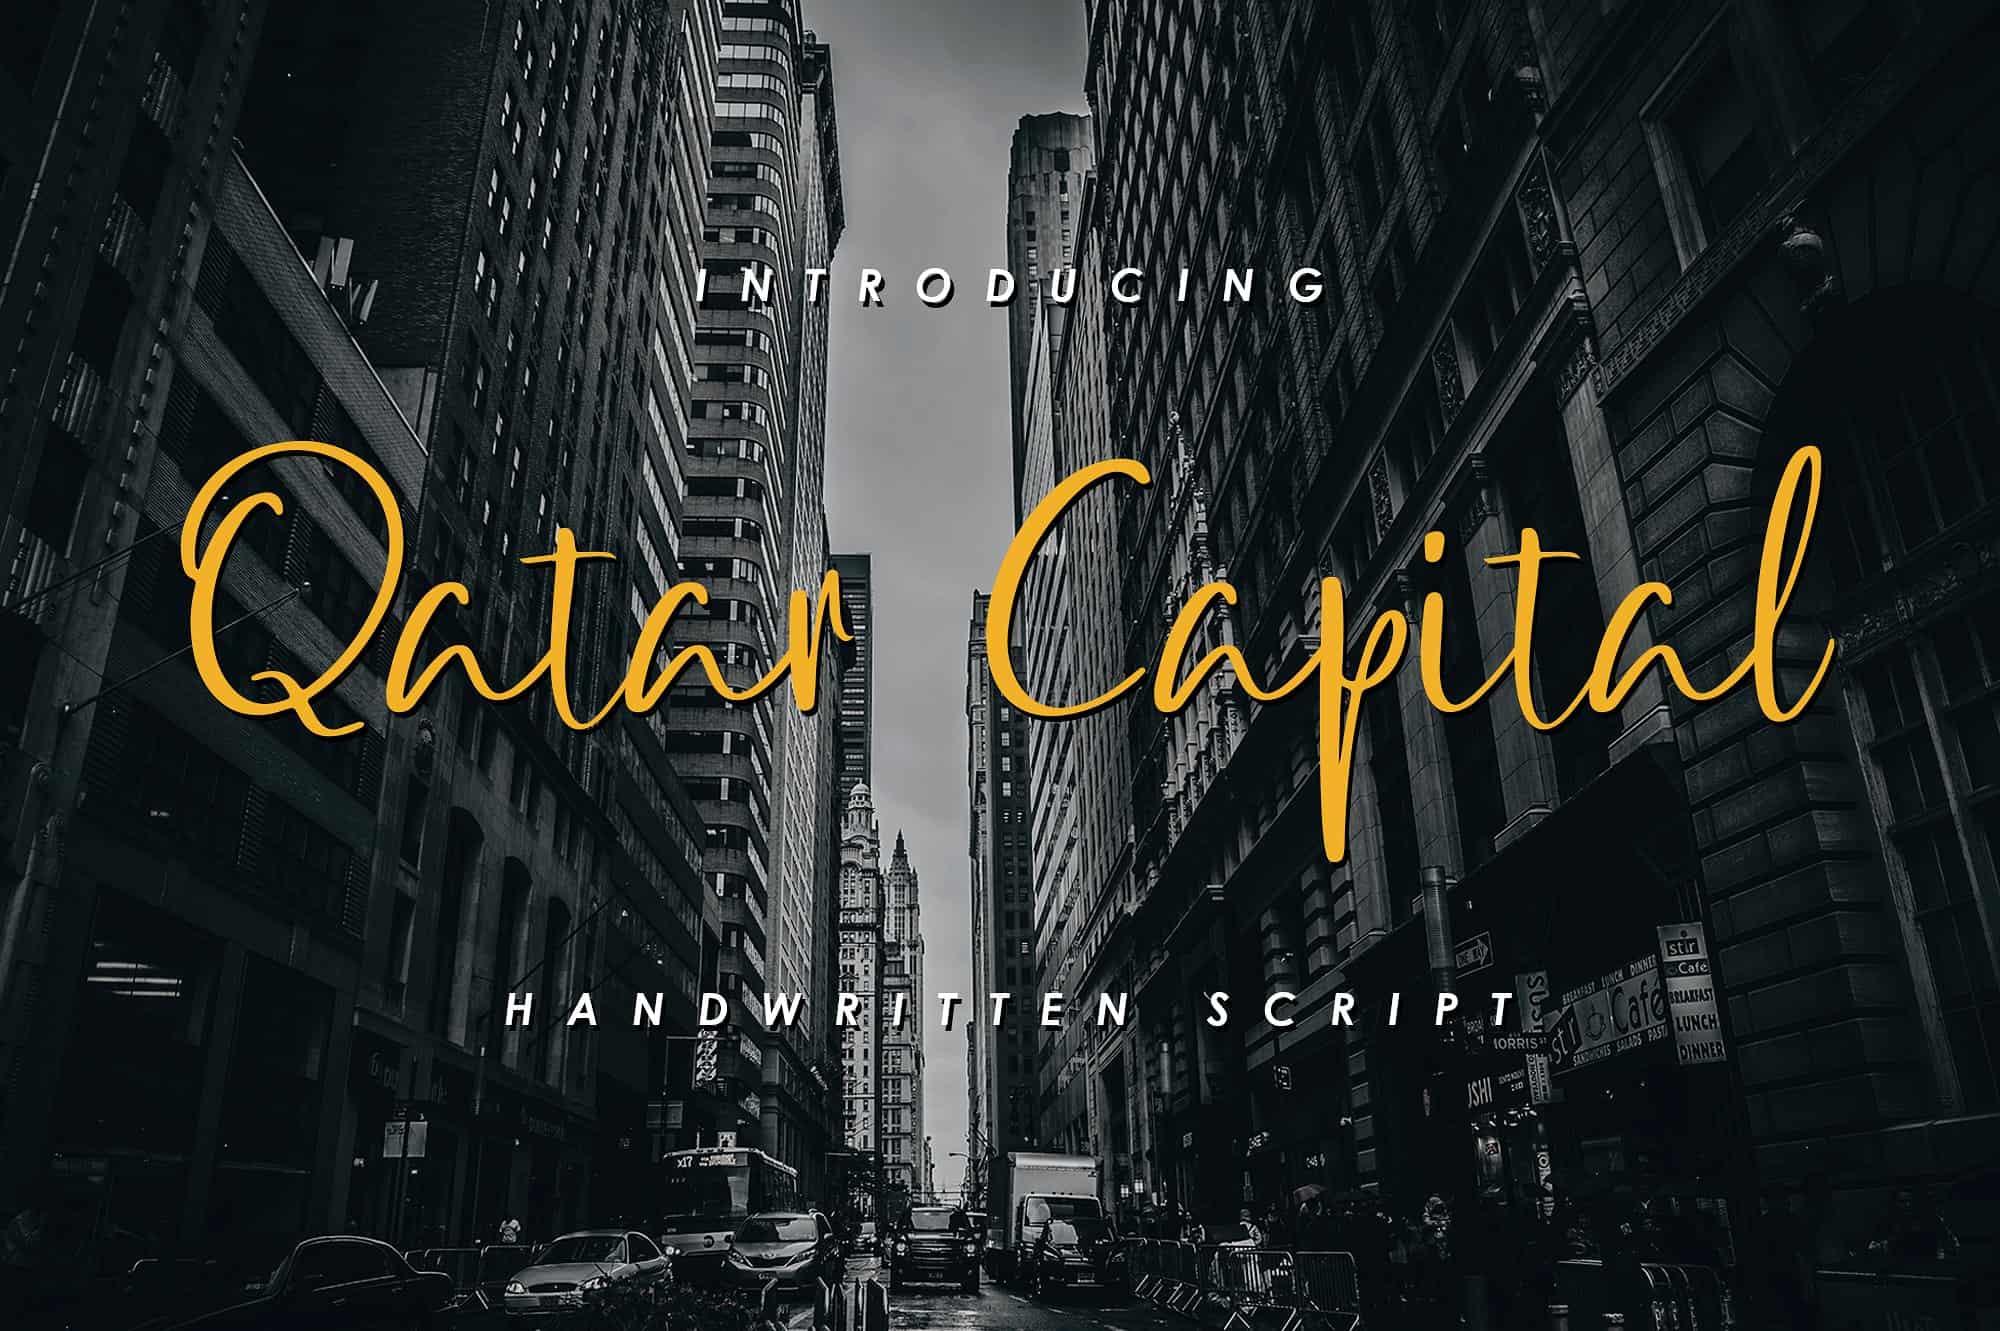 Qatar Capital шрифт скачать бесплатно